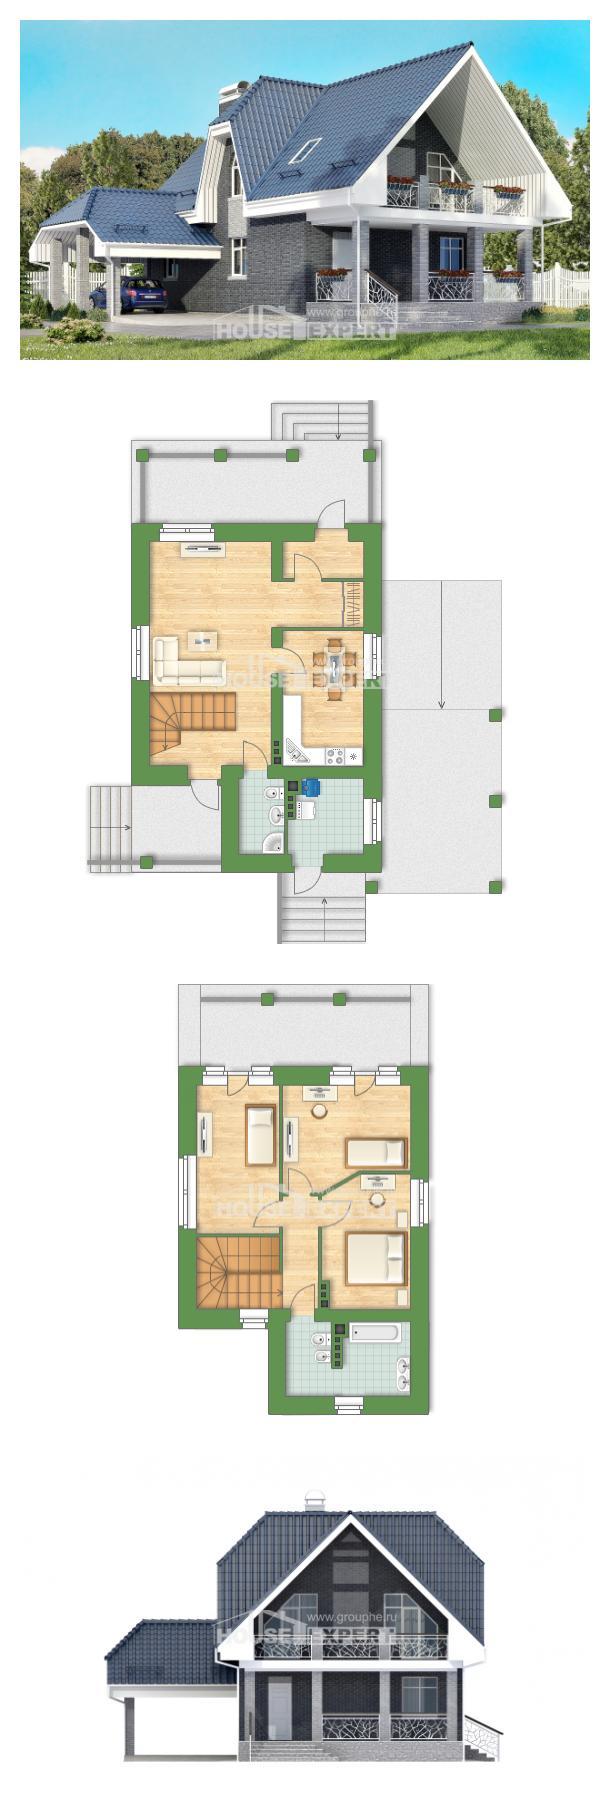 خطة البيت 125-002-L | House Expert